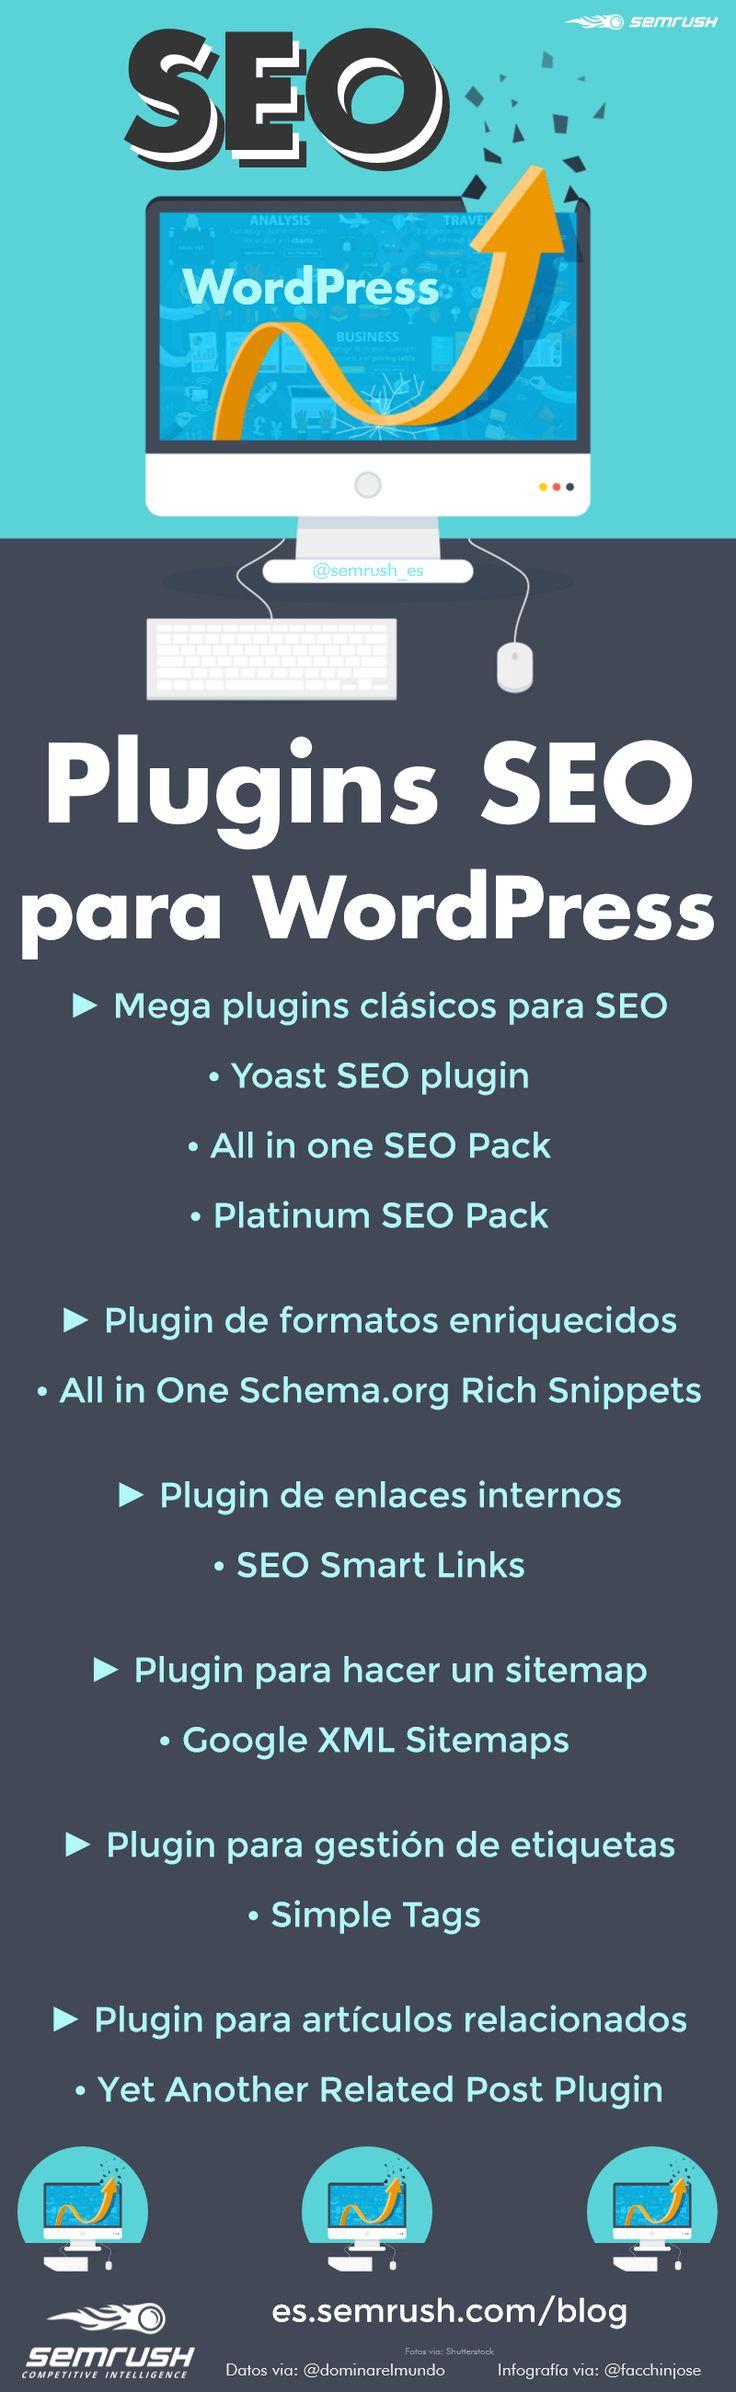 Plugins SEO para WordPress: La guía que estabas esperando